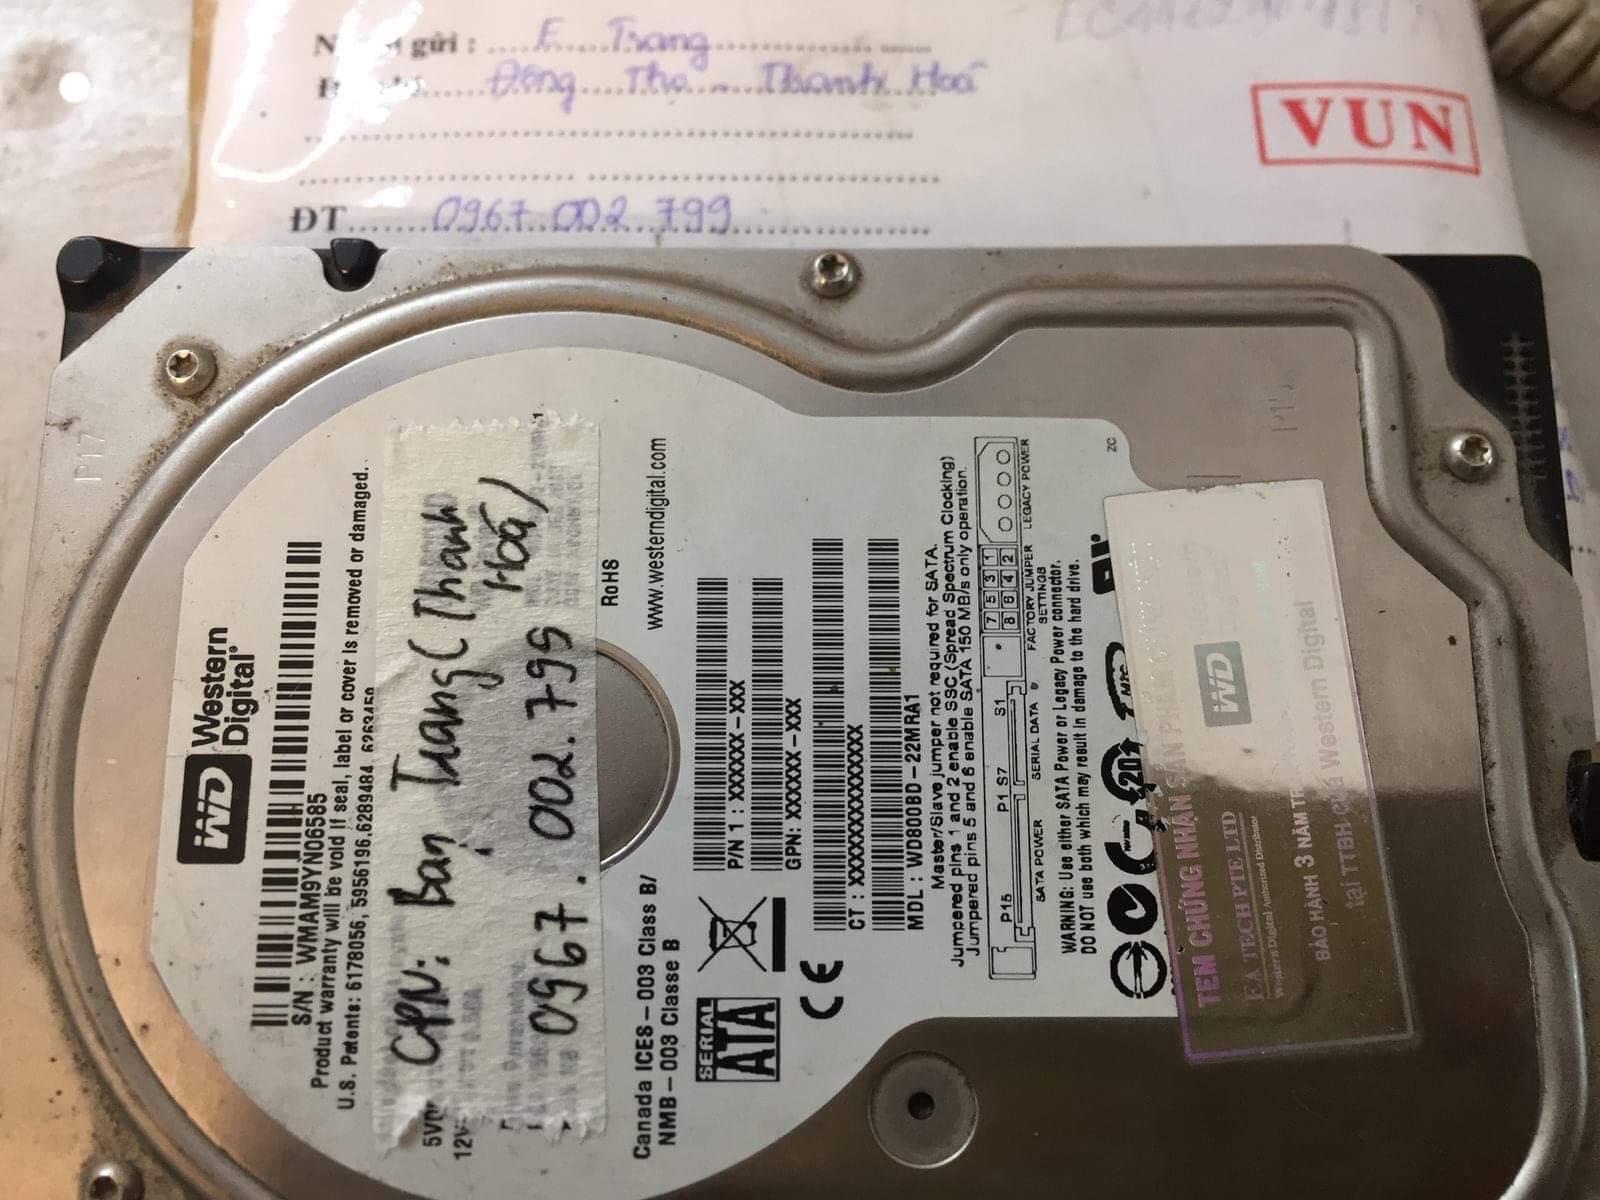 Lấy dữ liệu ổ cứng Western 80GB lỗi cơ tại Thanh Hóa 28/03/2019 - cuumaytinh